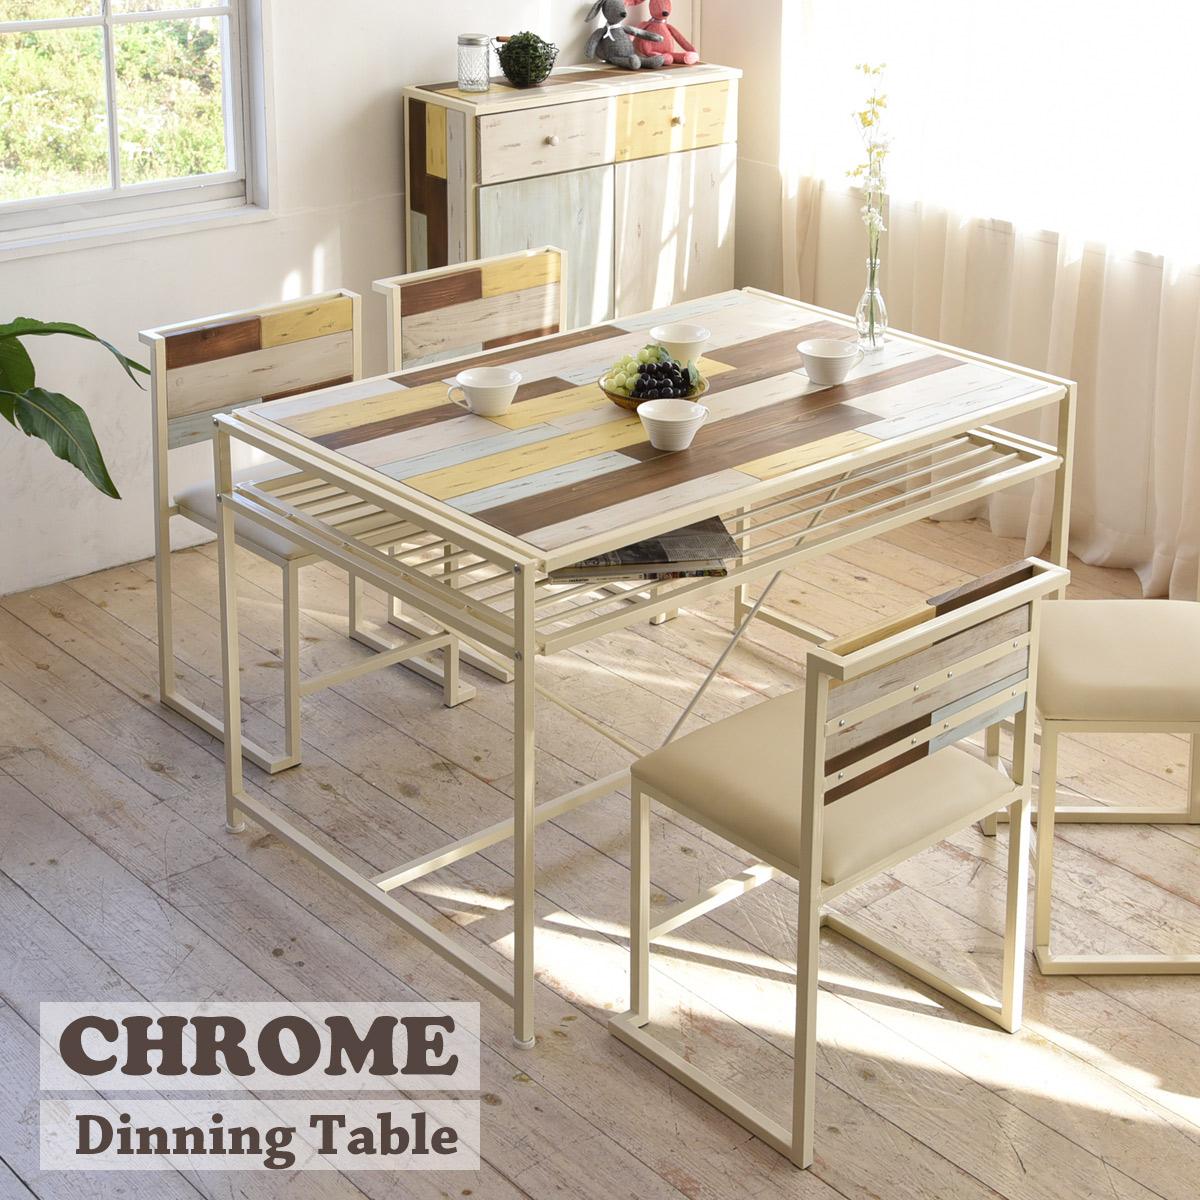 【送料無料】 【メーカー直送・代引不可】CHROME ダイニングテーブル